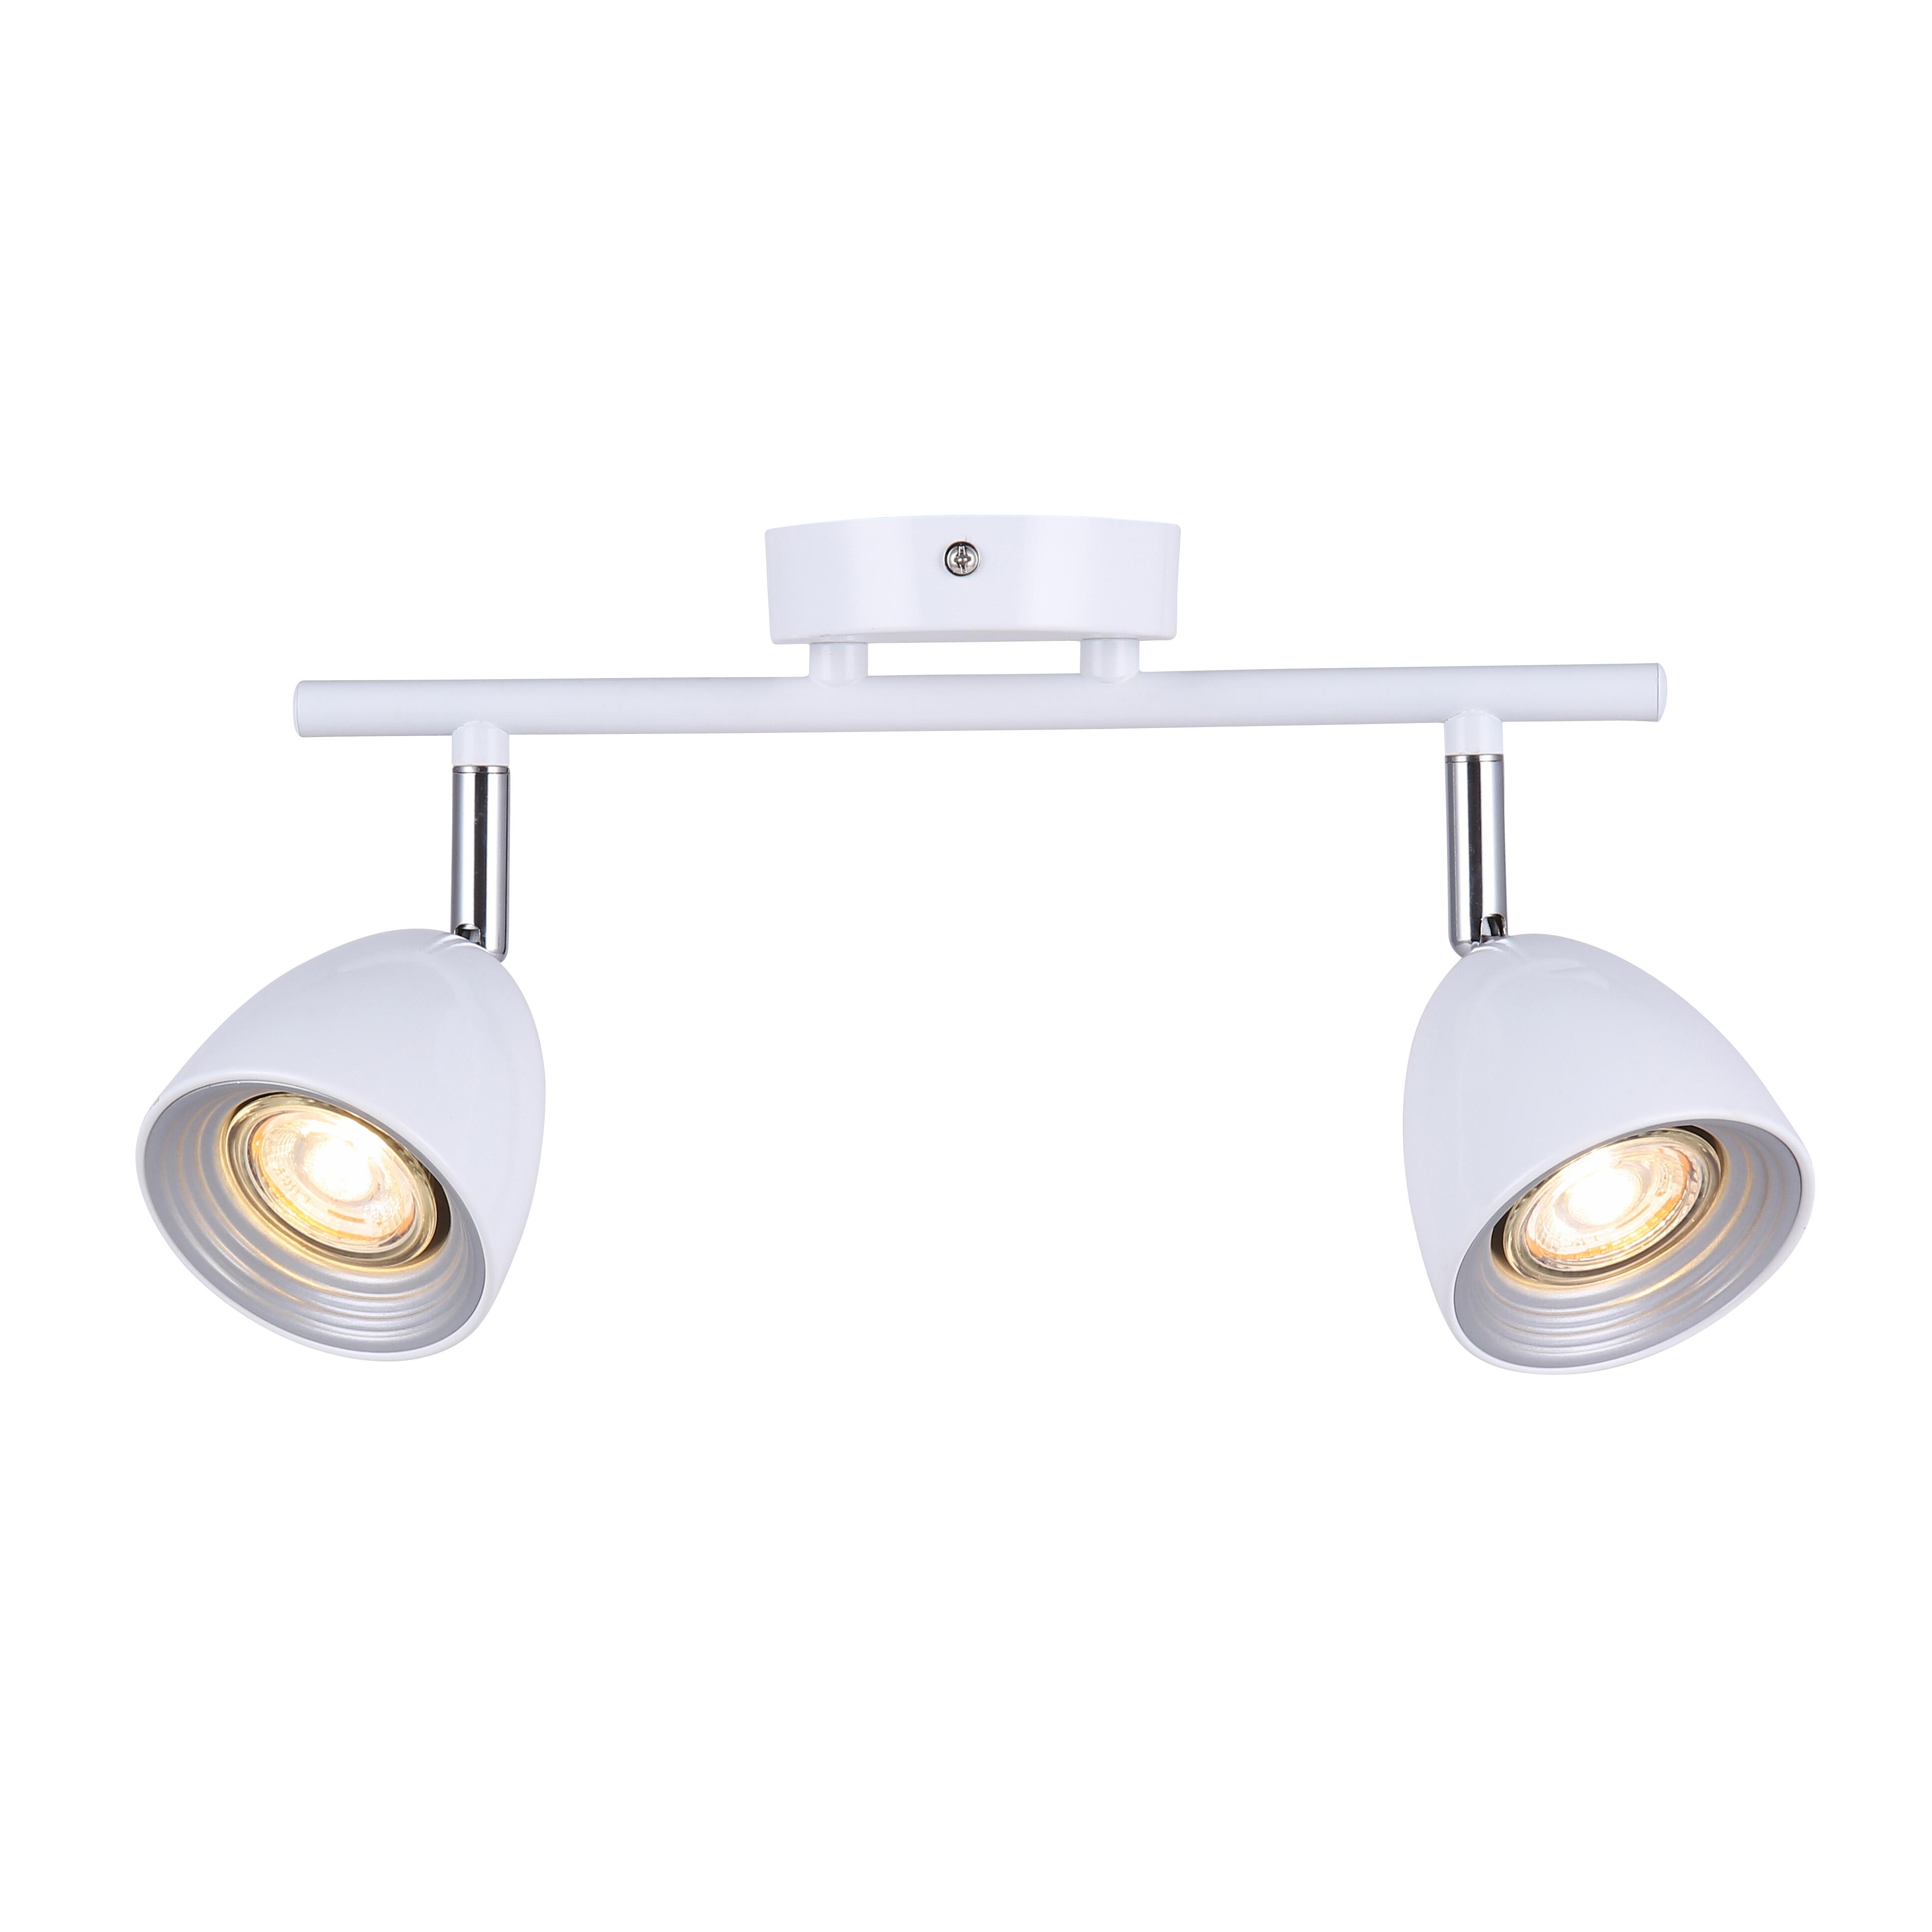 Потолочный светильник с регулировкой направления света Favourite F-Promo Allegra 2393-2U, 2xGU10x50W - фото 1